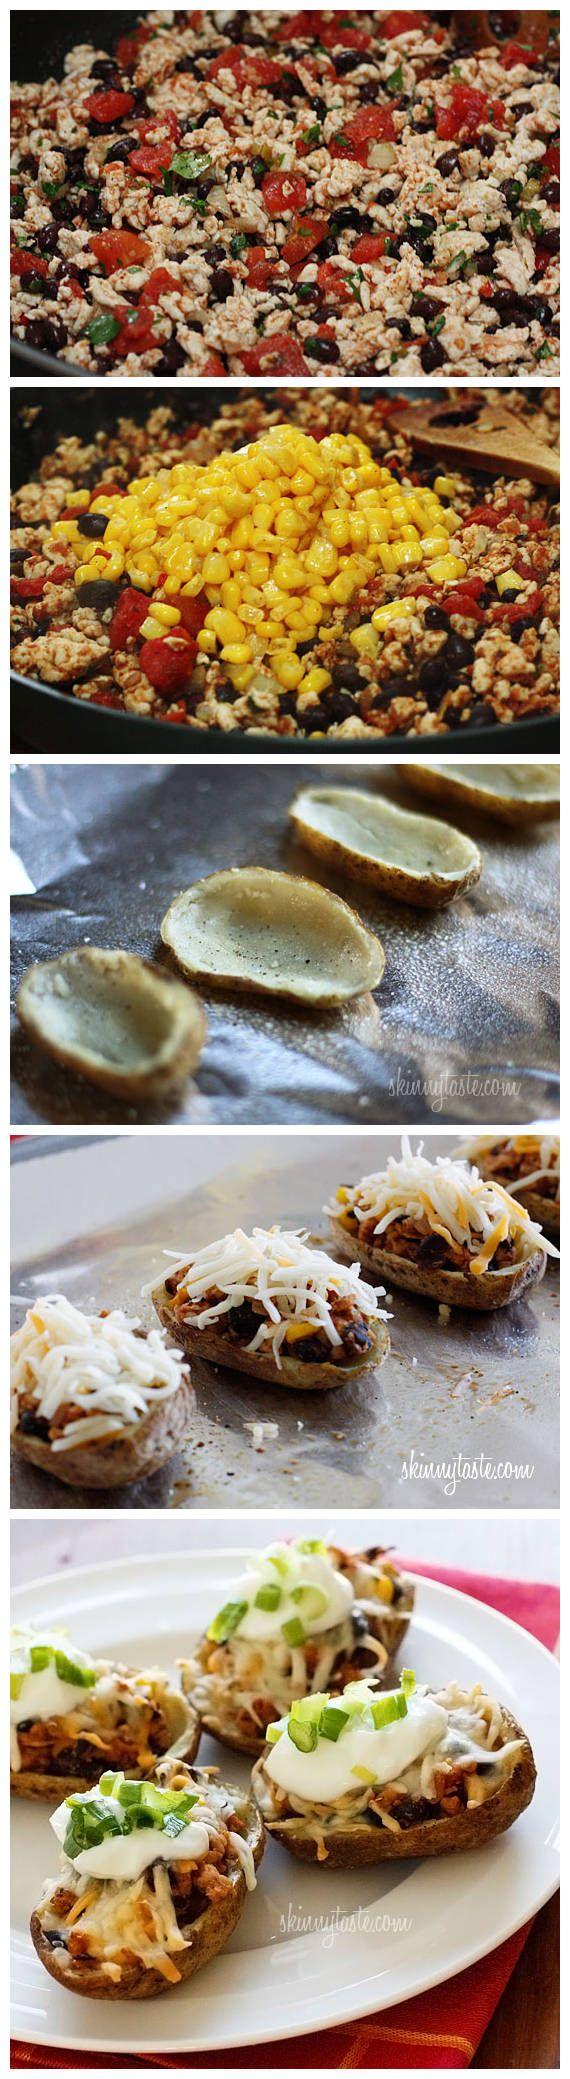 fe turkey stuf fe d peppers loaded turkey santa fe baked potato skins ...